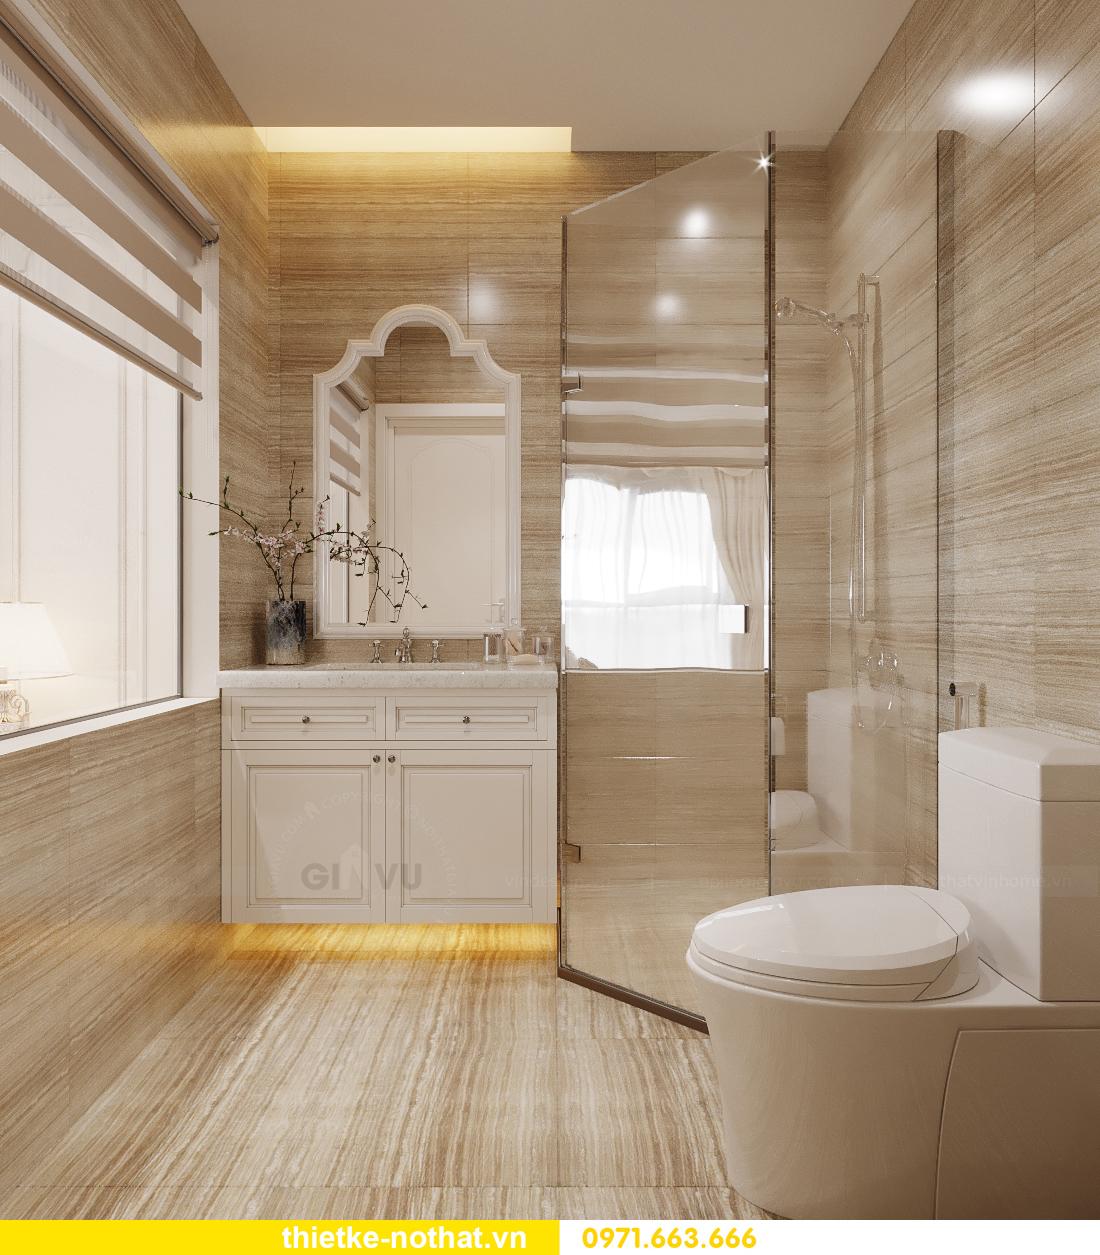 thiết kế nội thất chung cư tân cổ điển tại Vinhomes Green Bay 10